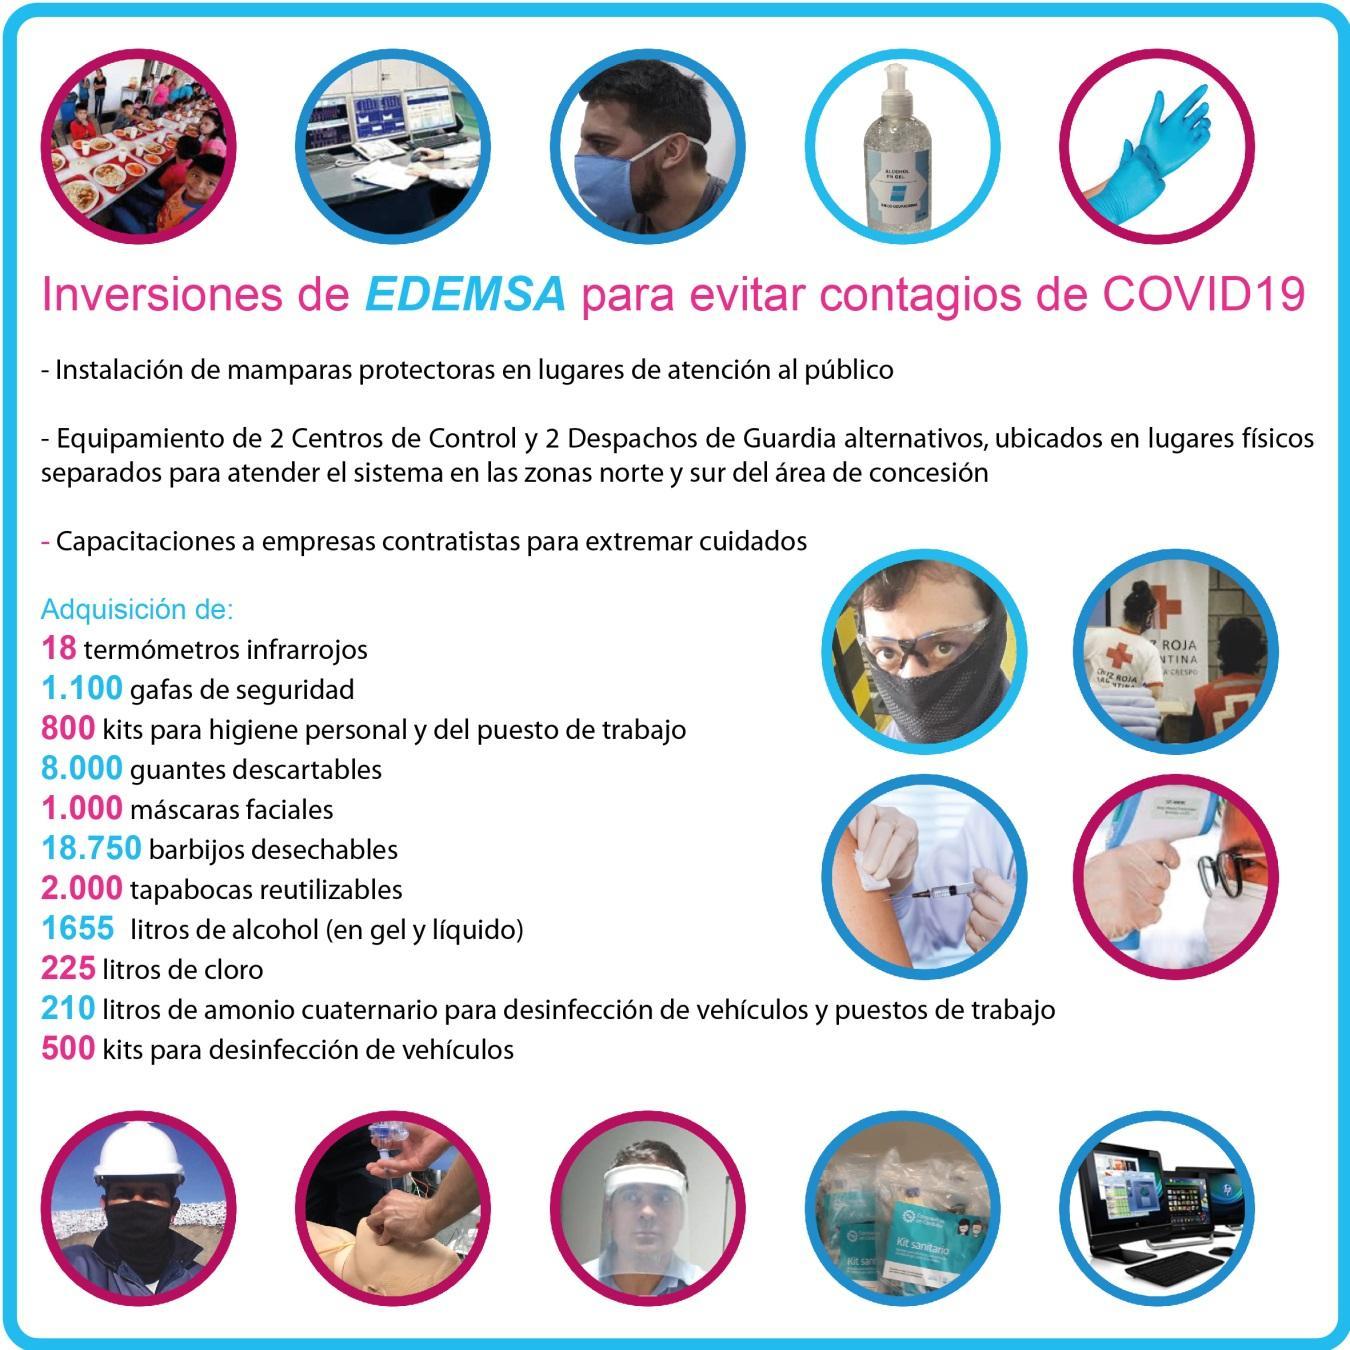 G:\Guión obras COVID 19\Imágenes extra\Revista ADEERA-01-01.jpg